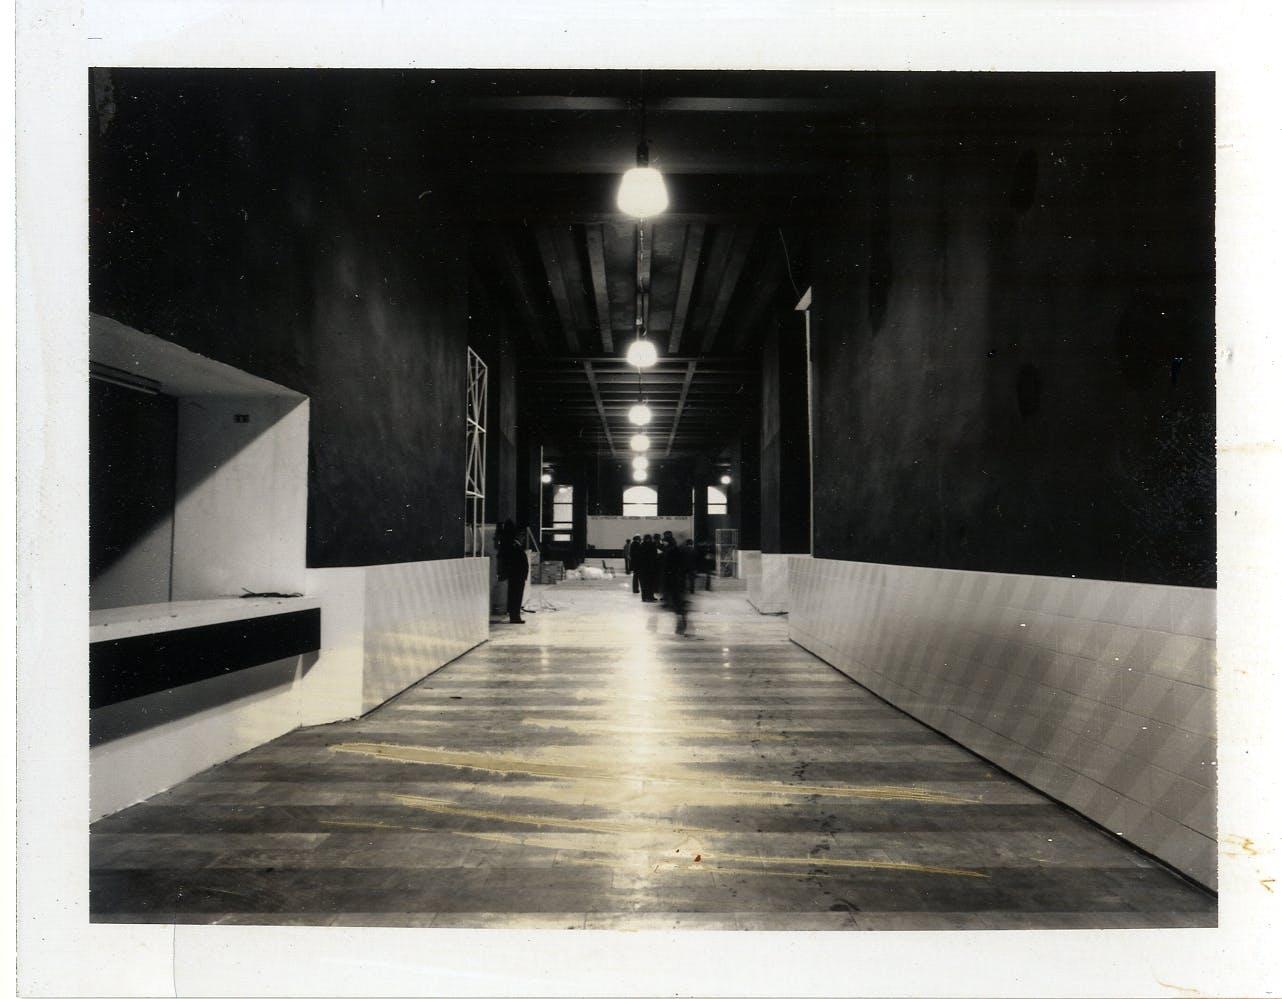 Lavori di allestimento nel Palazzo dell'arte in vista dell'apertura della XVI Triennale, 1979 © © Triennale Milano – Archivi